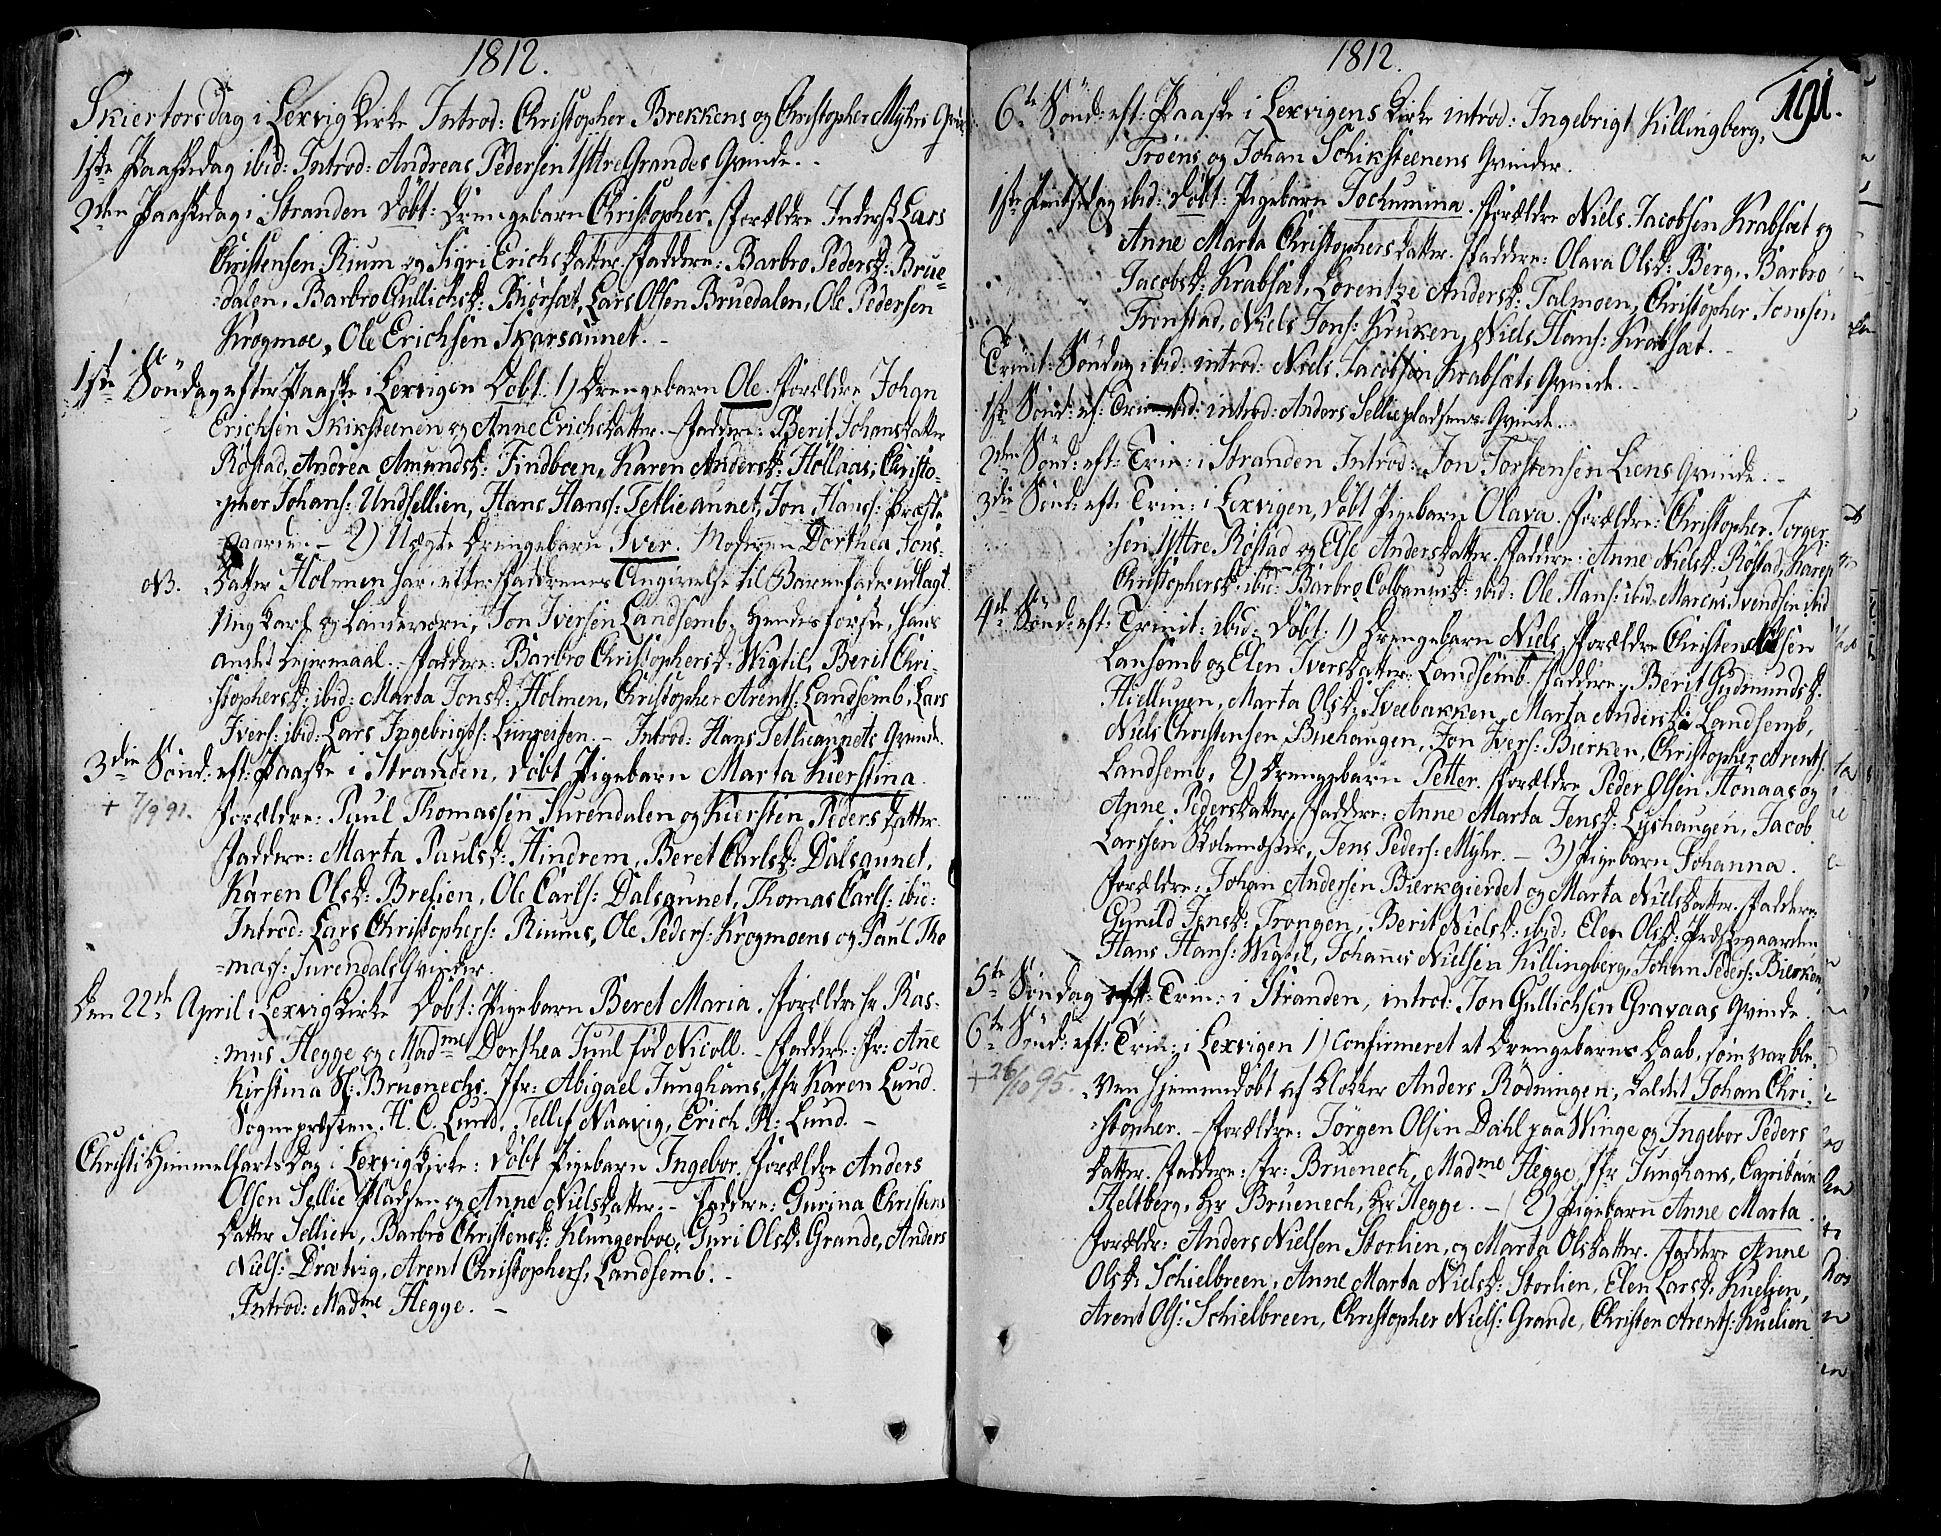 SAT, Ministerialprotokoller, klokkerbøker og fødselsregistre - Nord-Trøndelag, 701/L0004: Ministerialbok nr. 701A04, 1783-1816, s. 191